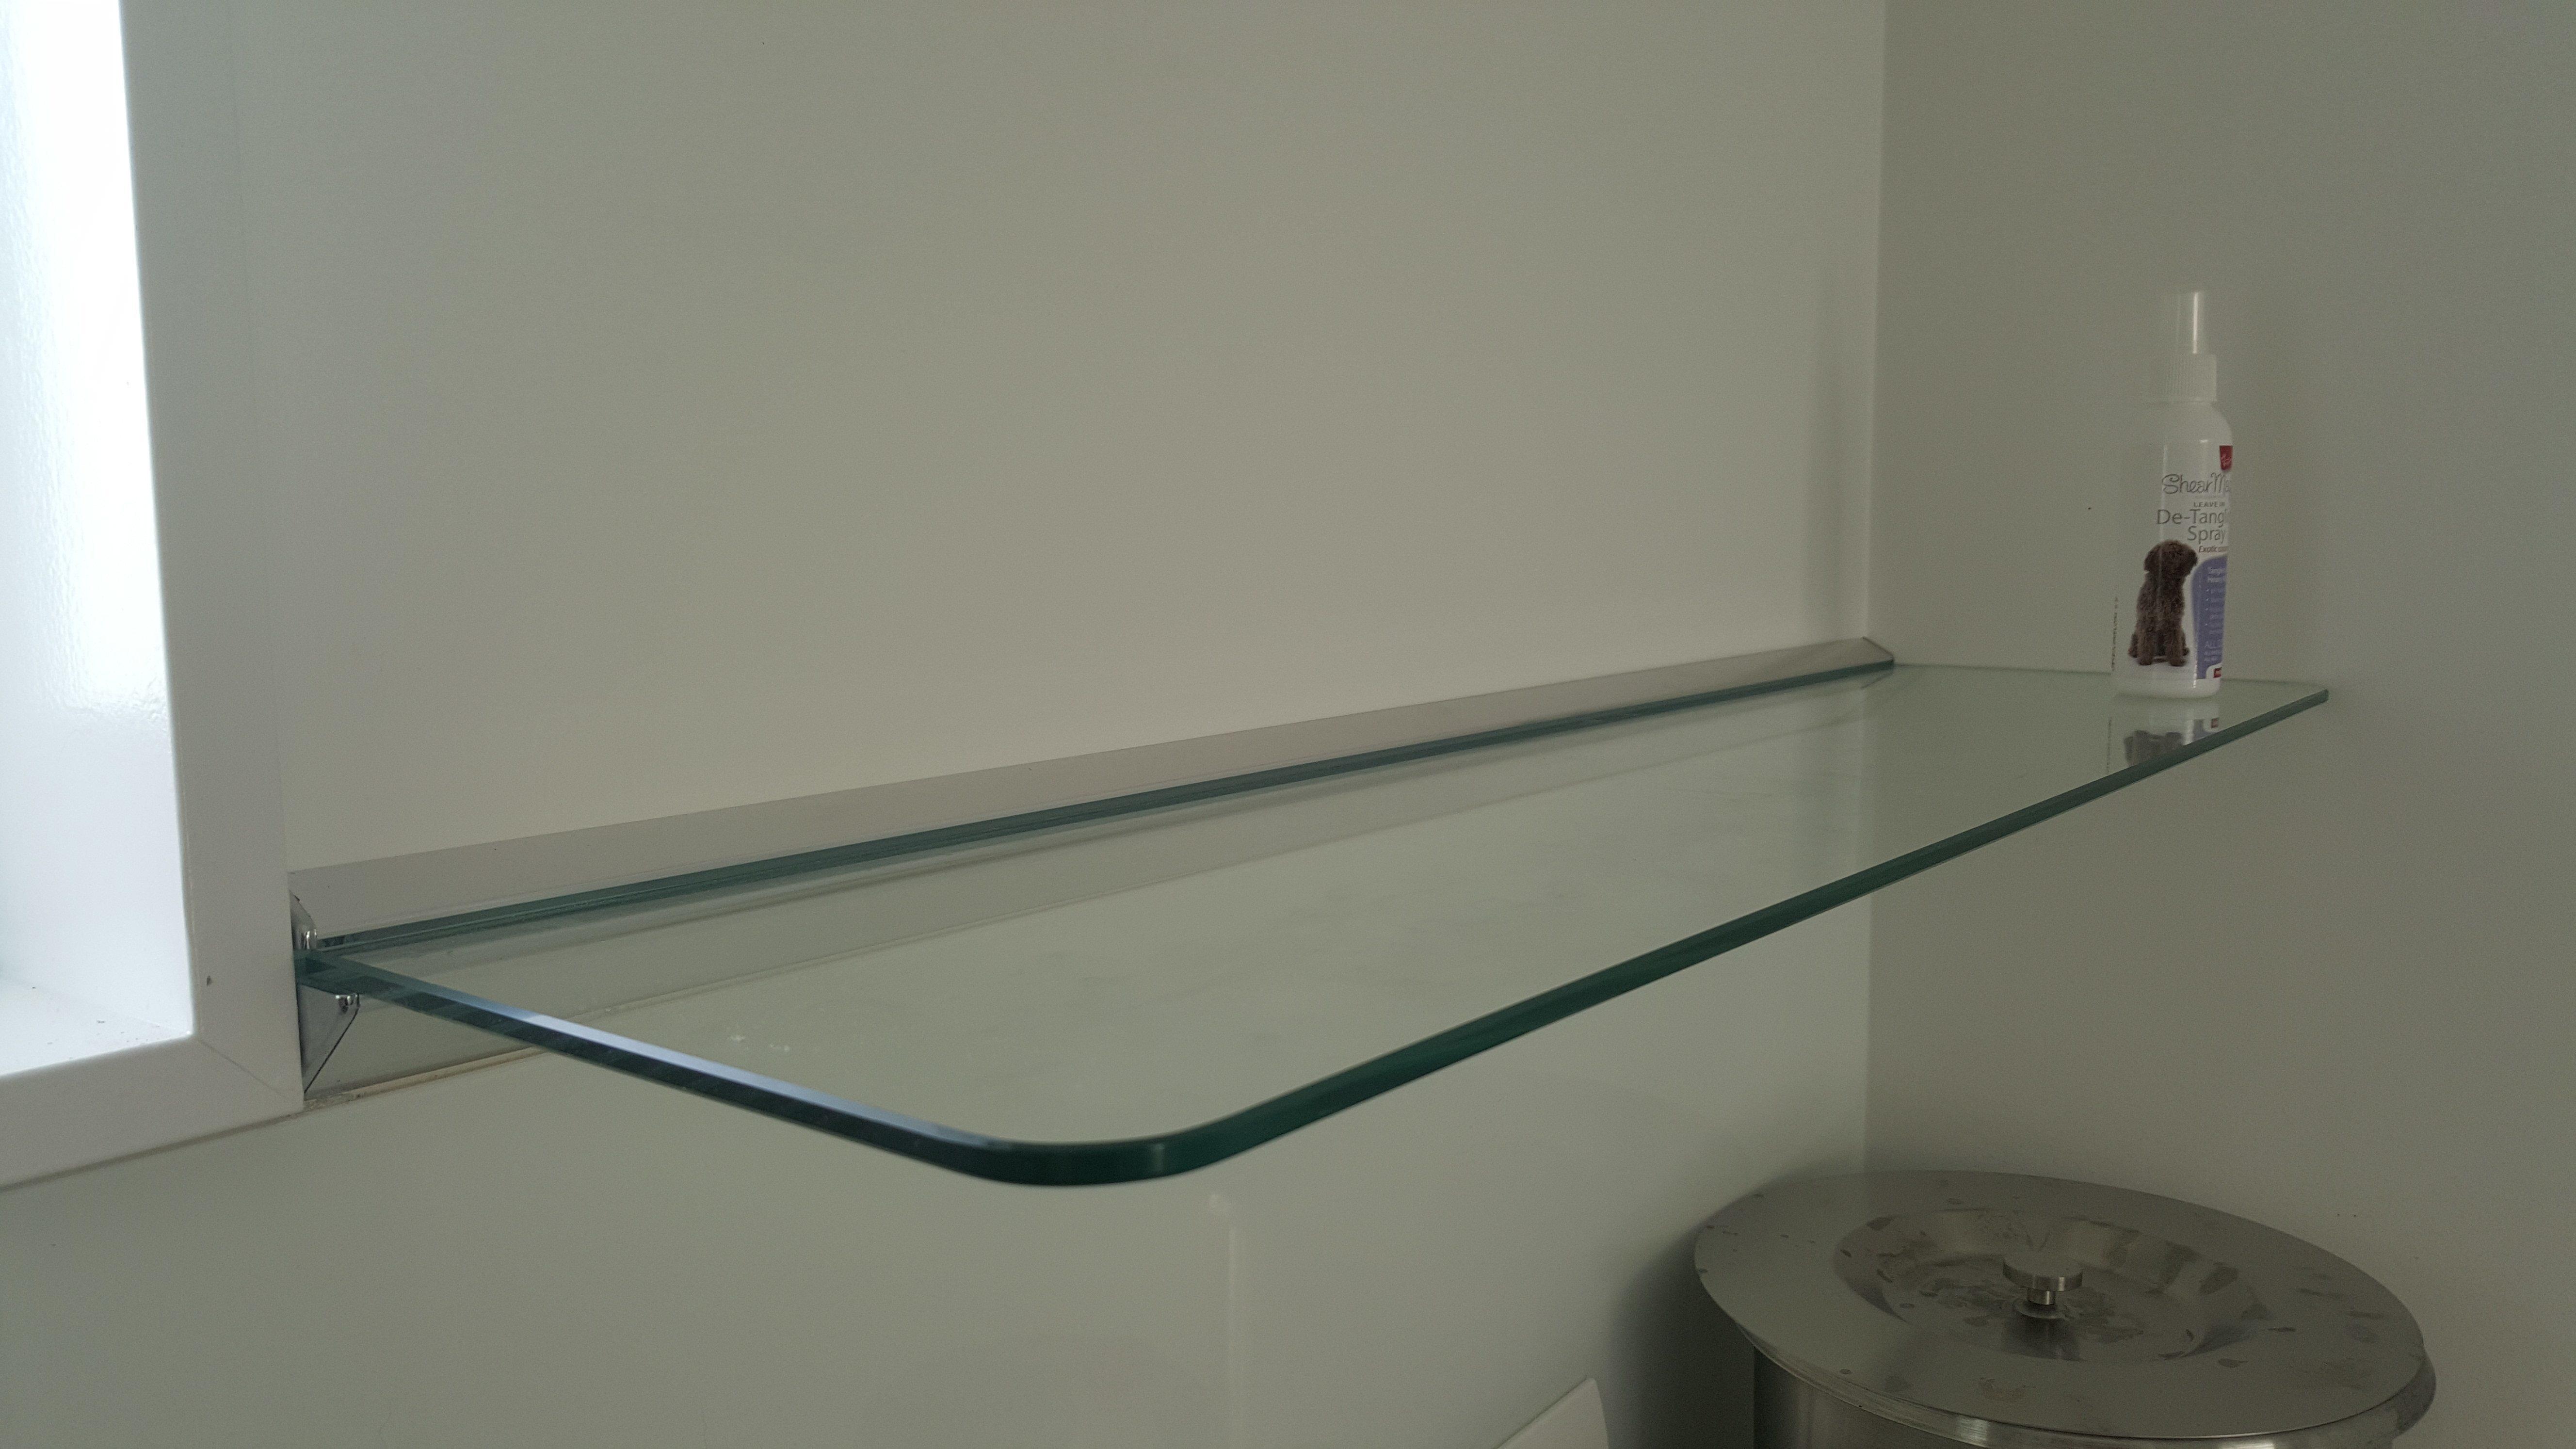 Floating Glass Shelves Cliff Hanger Shelving Ltd Intended For Glass Shelf Brackets Floating On Air (Image 6 of 15)